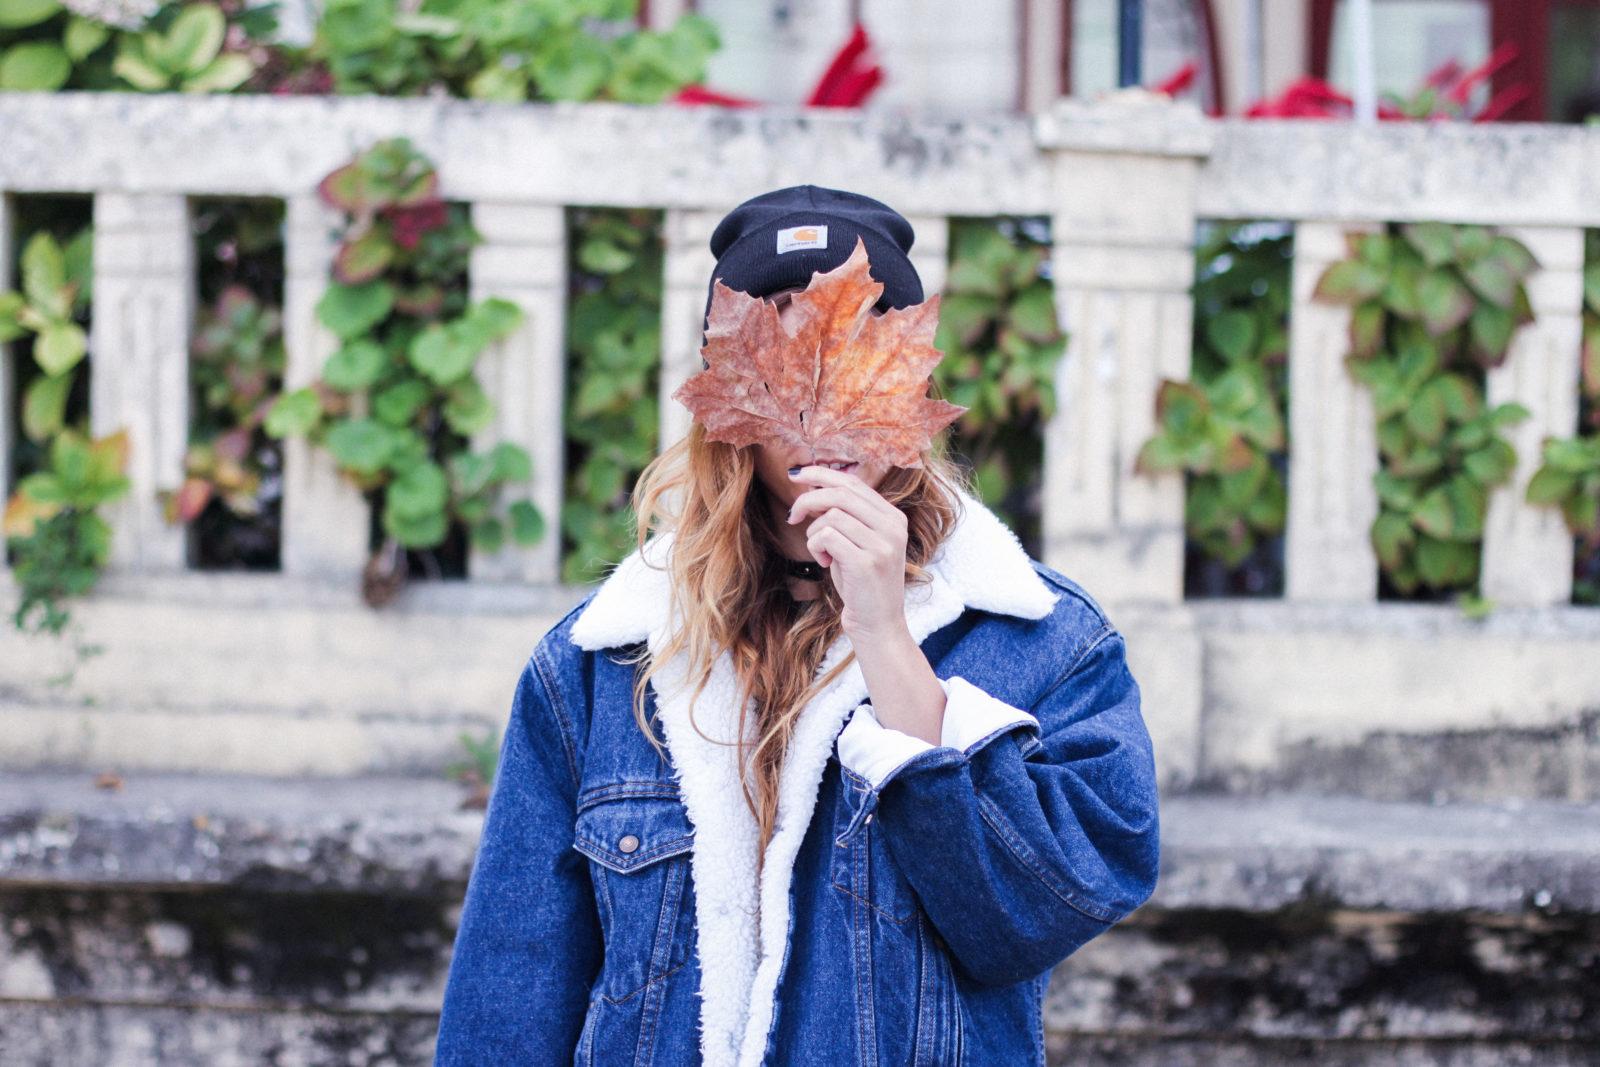 cazadora_vaquera_de_borreguillo_levis_vintage_golden_goose_gorrito_beanie_tendencias_2016_fall_trends_street_style_choker_donkeycool